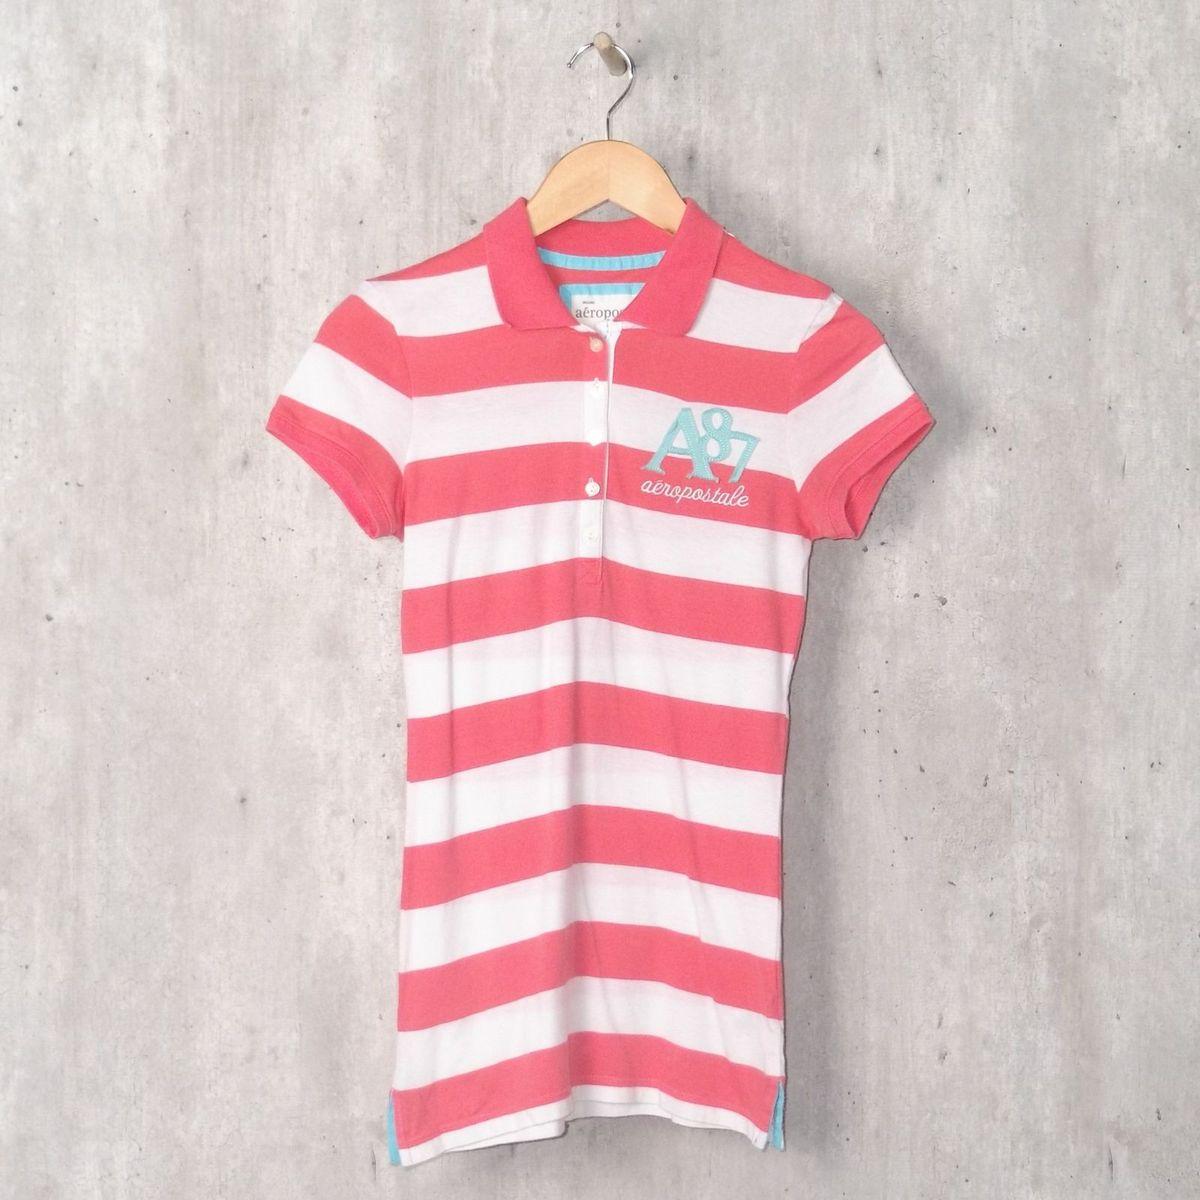 camisa polo aeropostale - camisas aeropostale.  Czm6ly9wag90b3muzw5qb2vplmnvbs5ici9wcm9kdwn0cy83mzk0mtqxlznjnmy5mdgxzgmwnzu4n2njndy1otizowu3zji1owrilmpwzw  ... 8aea958433039